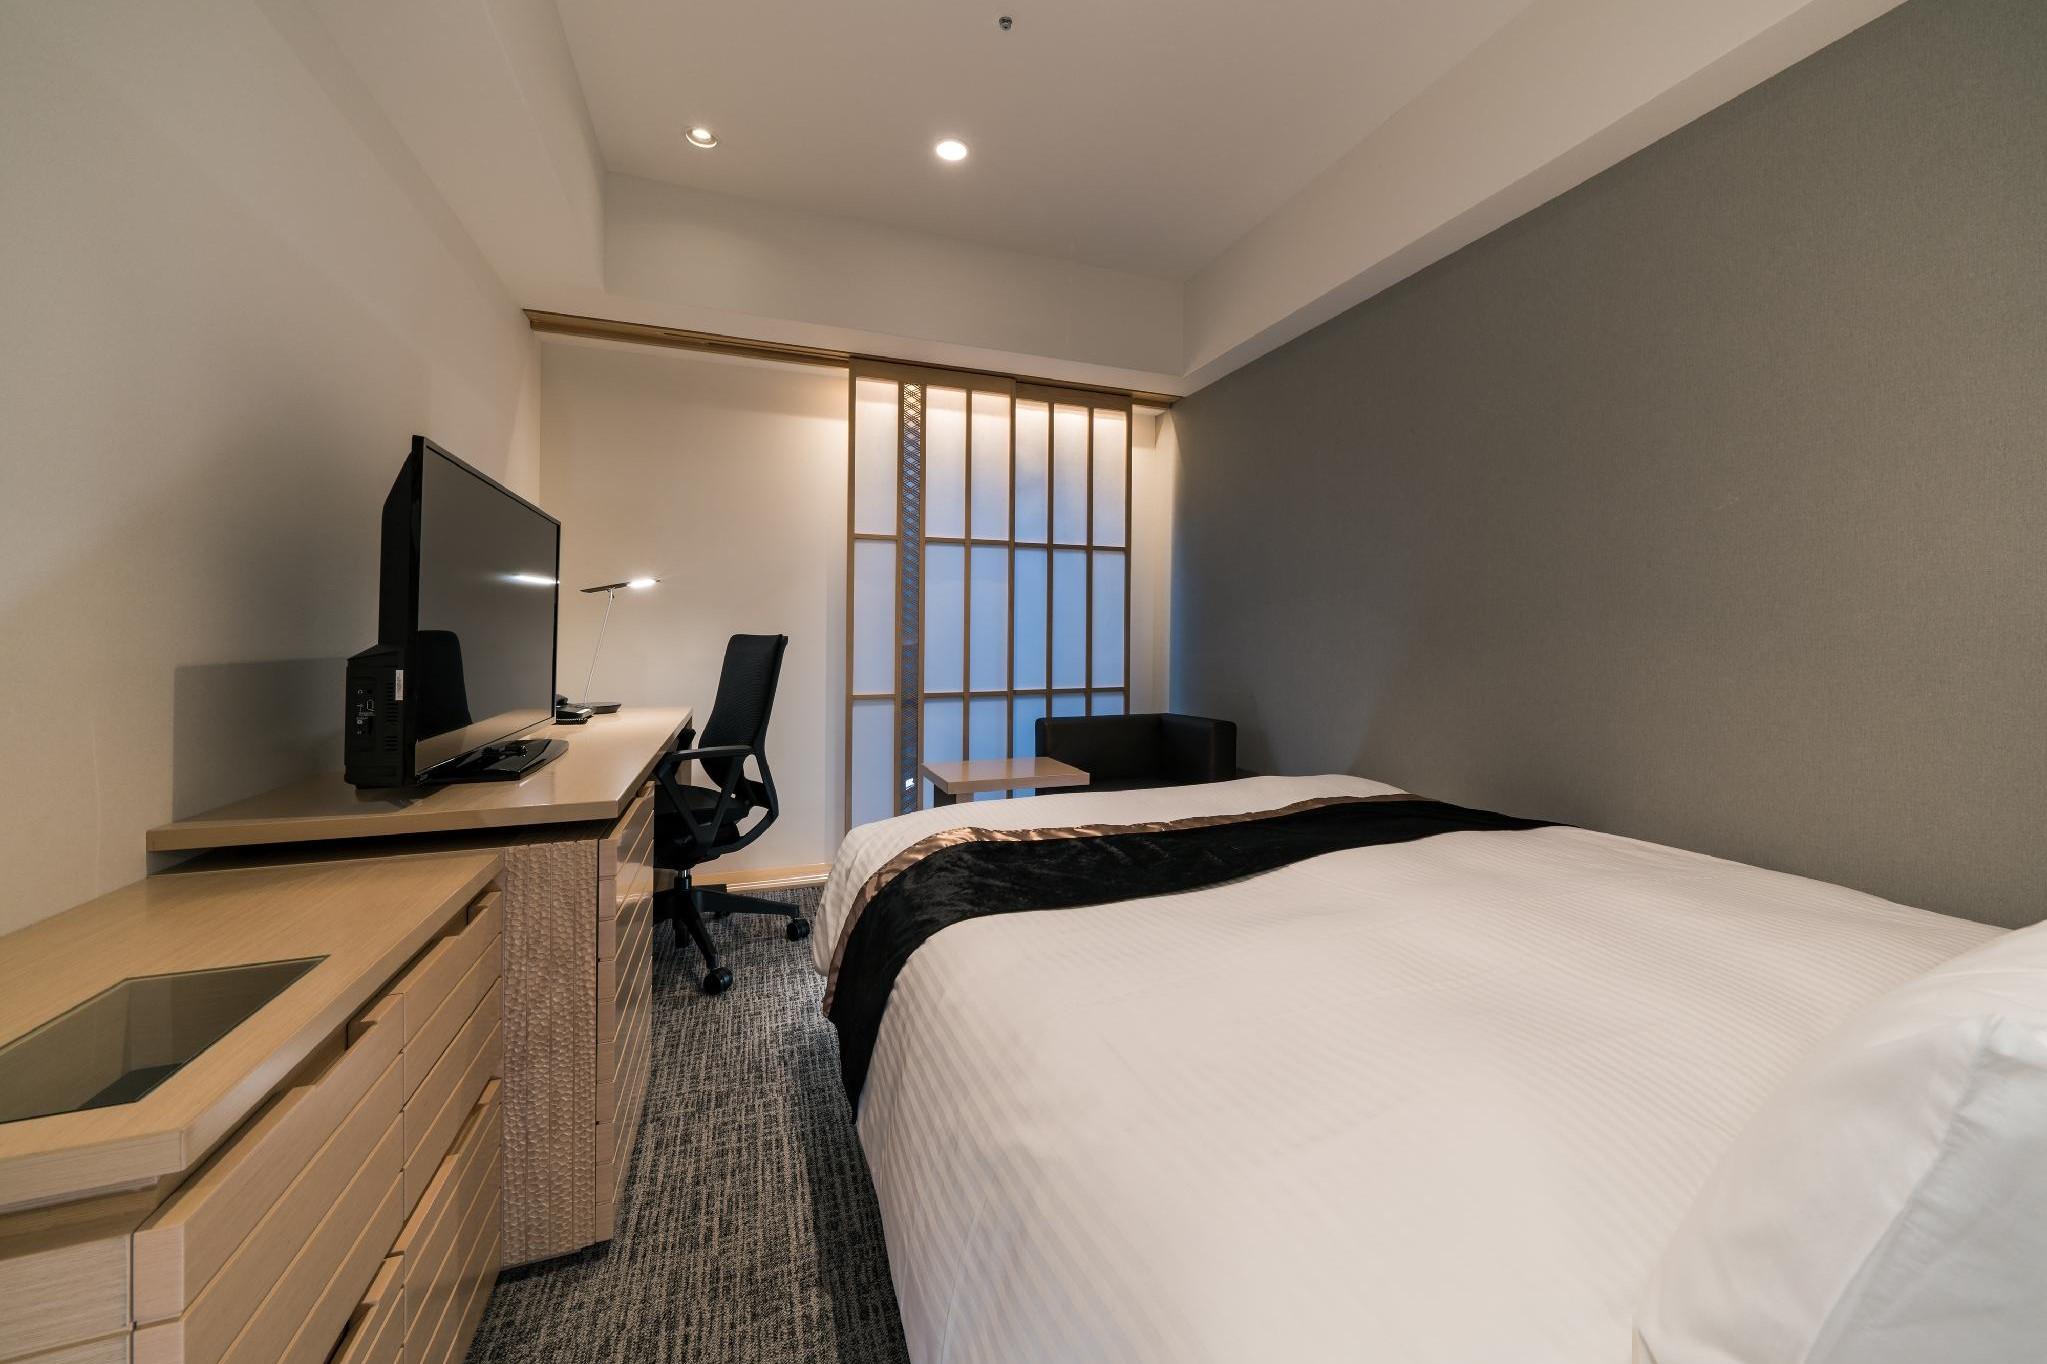 京都八條東口露台大和 ROYNET 酒店 雙人房